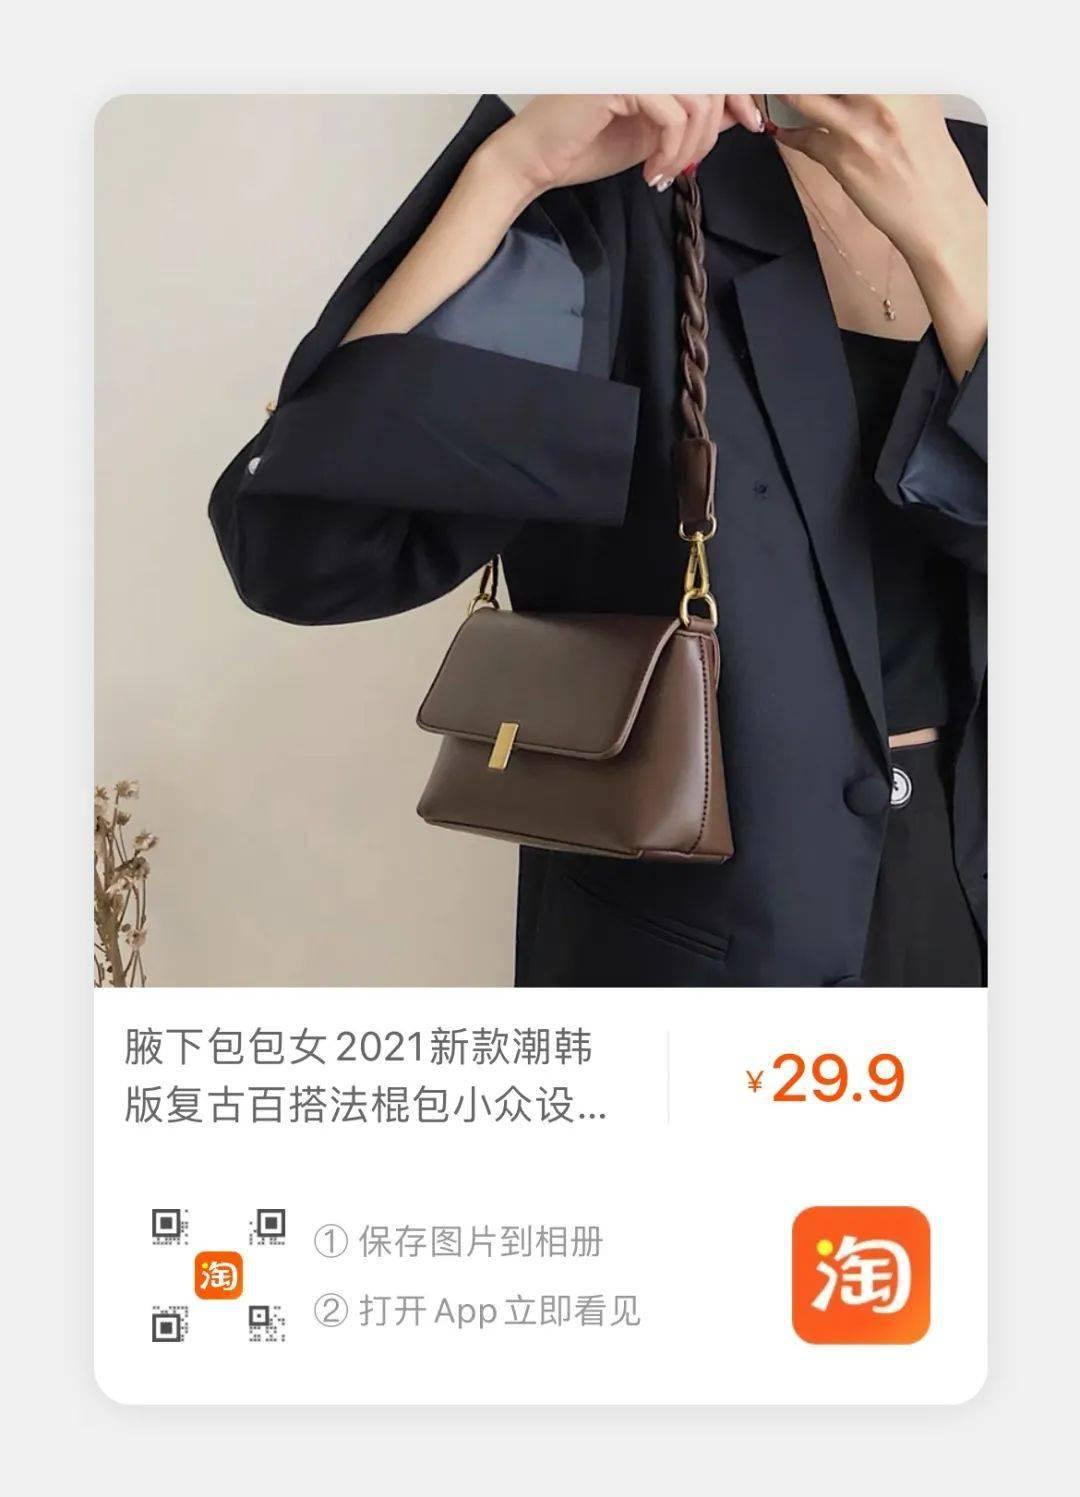 300块钱买了12个设计超好看的包?